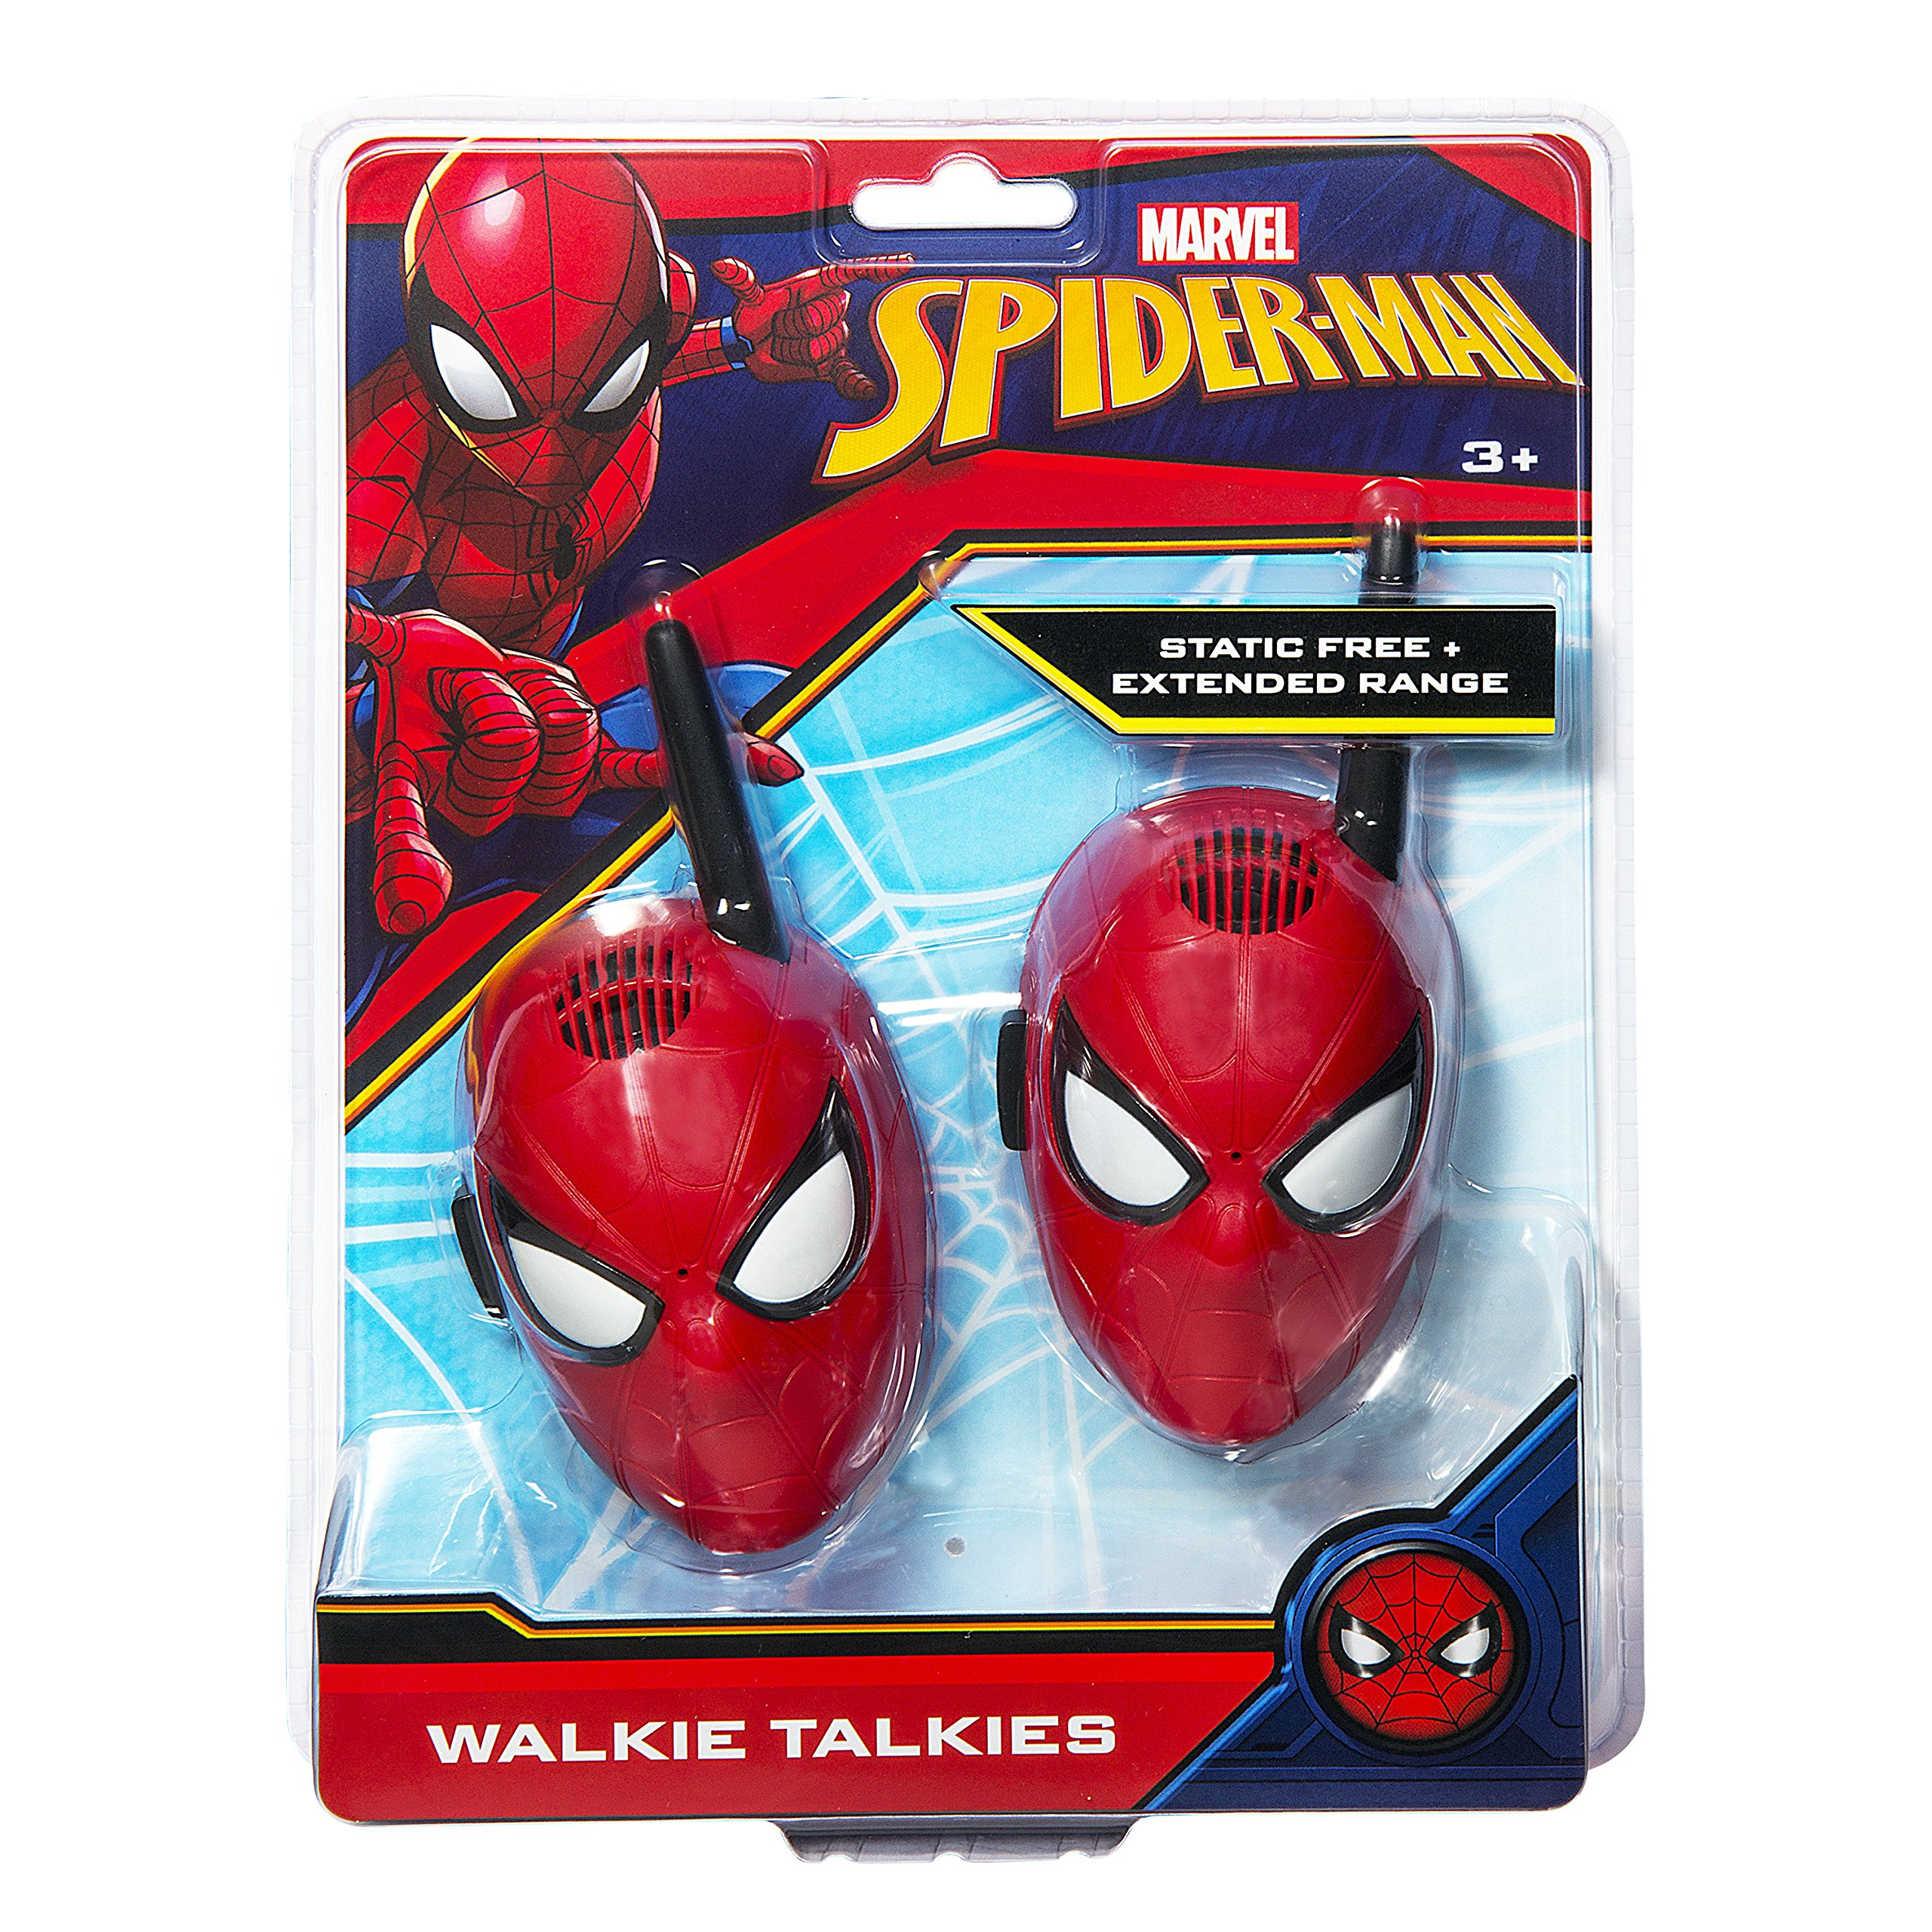 Spiderman Walkie Talkies for Kids Static Free Extended Range Kid Friendly Easy to Use 2 Way Walkie Talkies by eKids (Image #4)